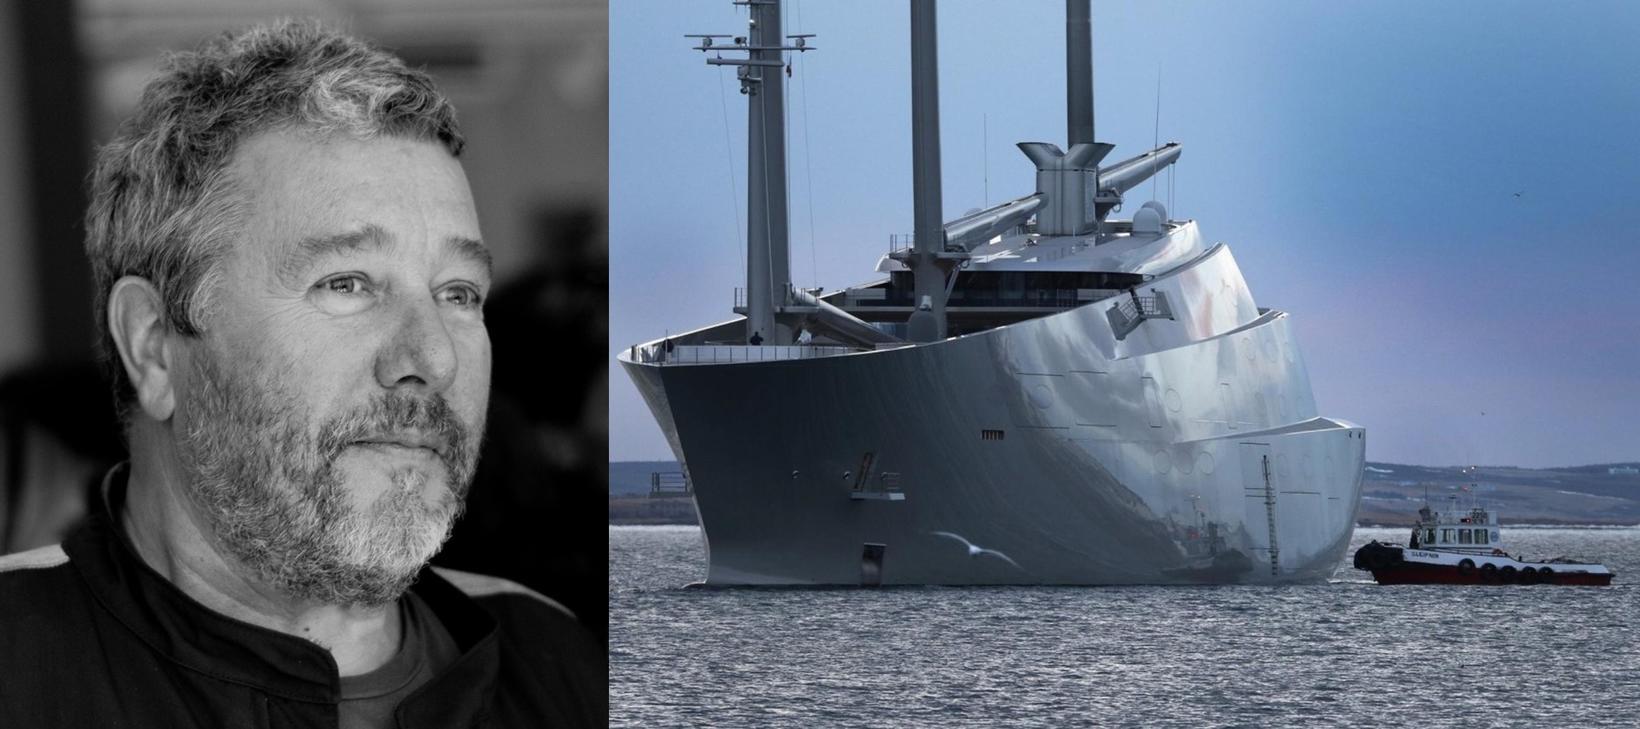 Philippe Starck, hönnuður glæsisnekkjunnar A, segist óhamingjusamur. Sköpunarkrafturinn er þó …